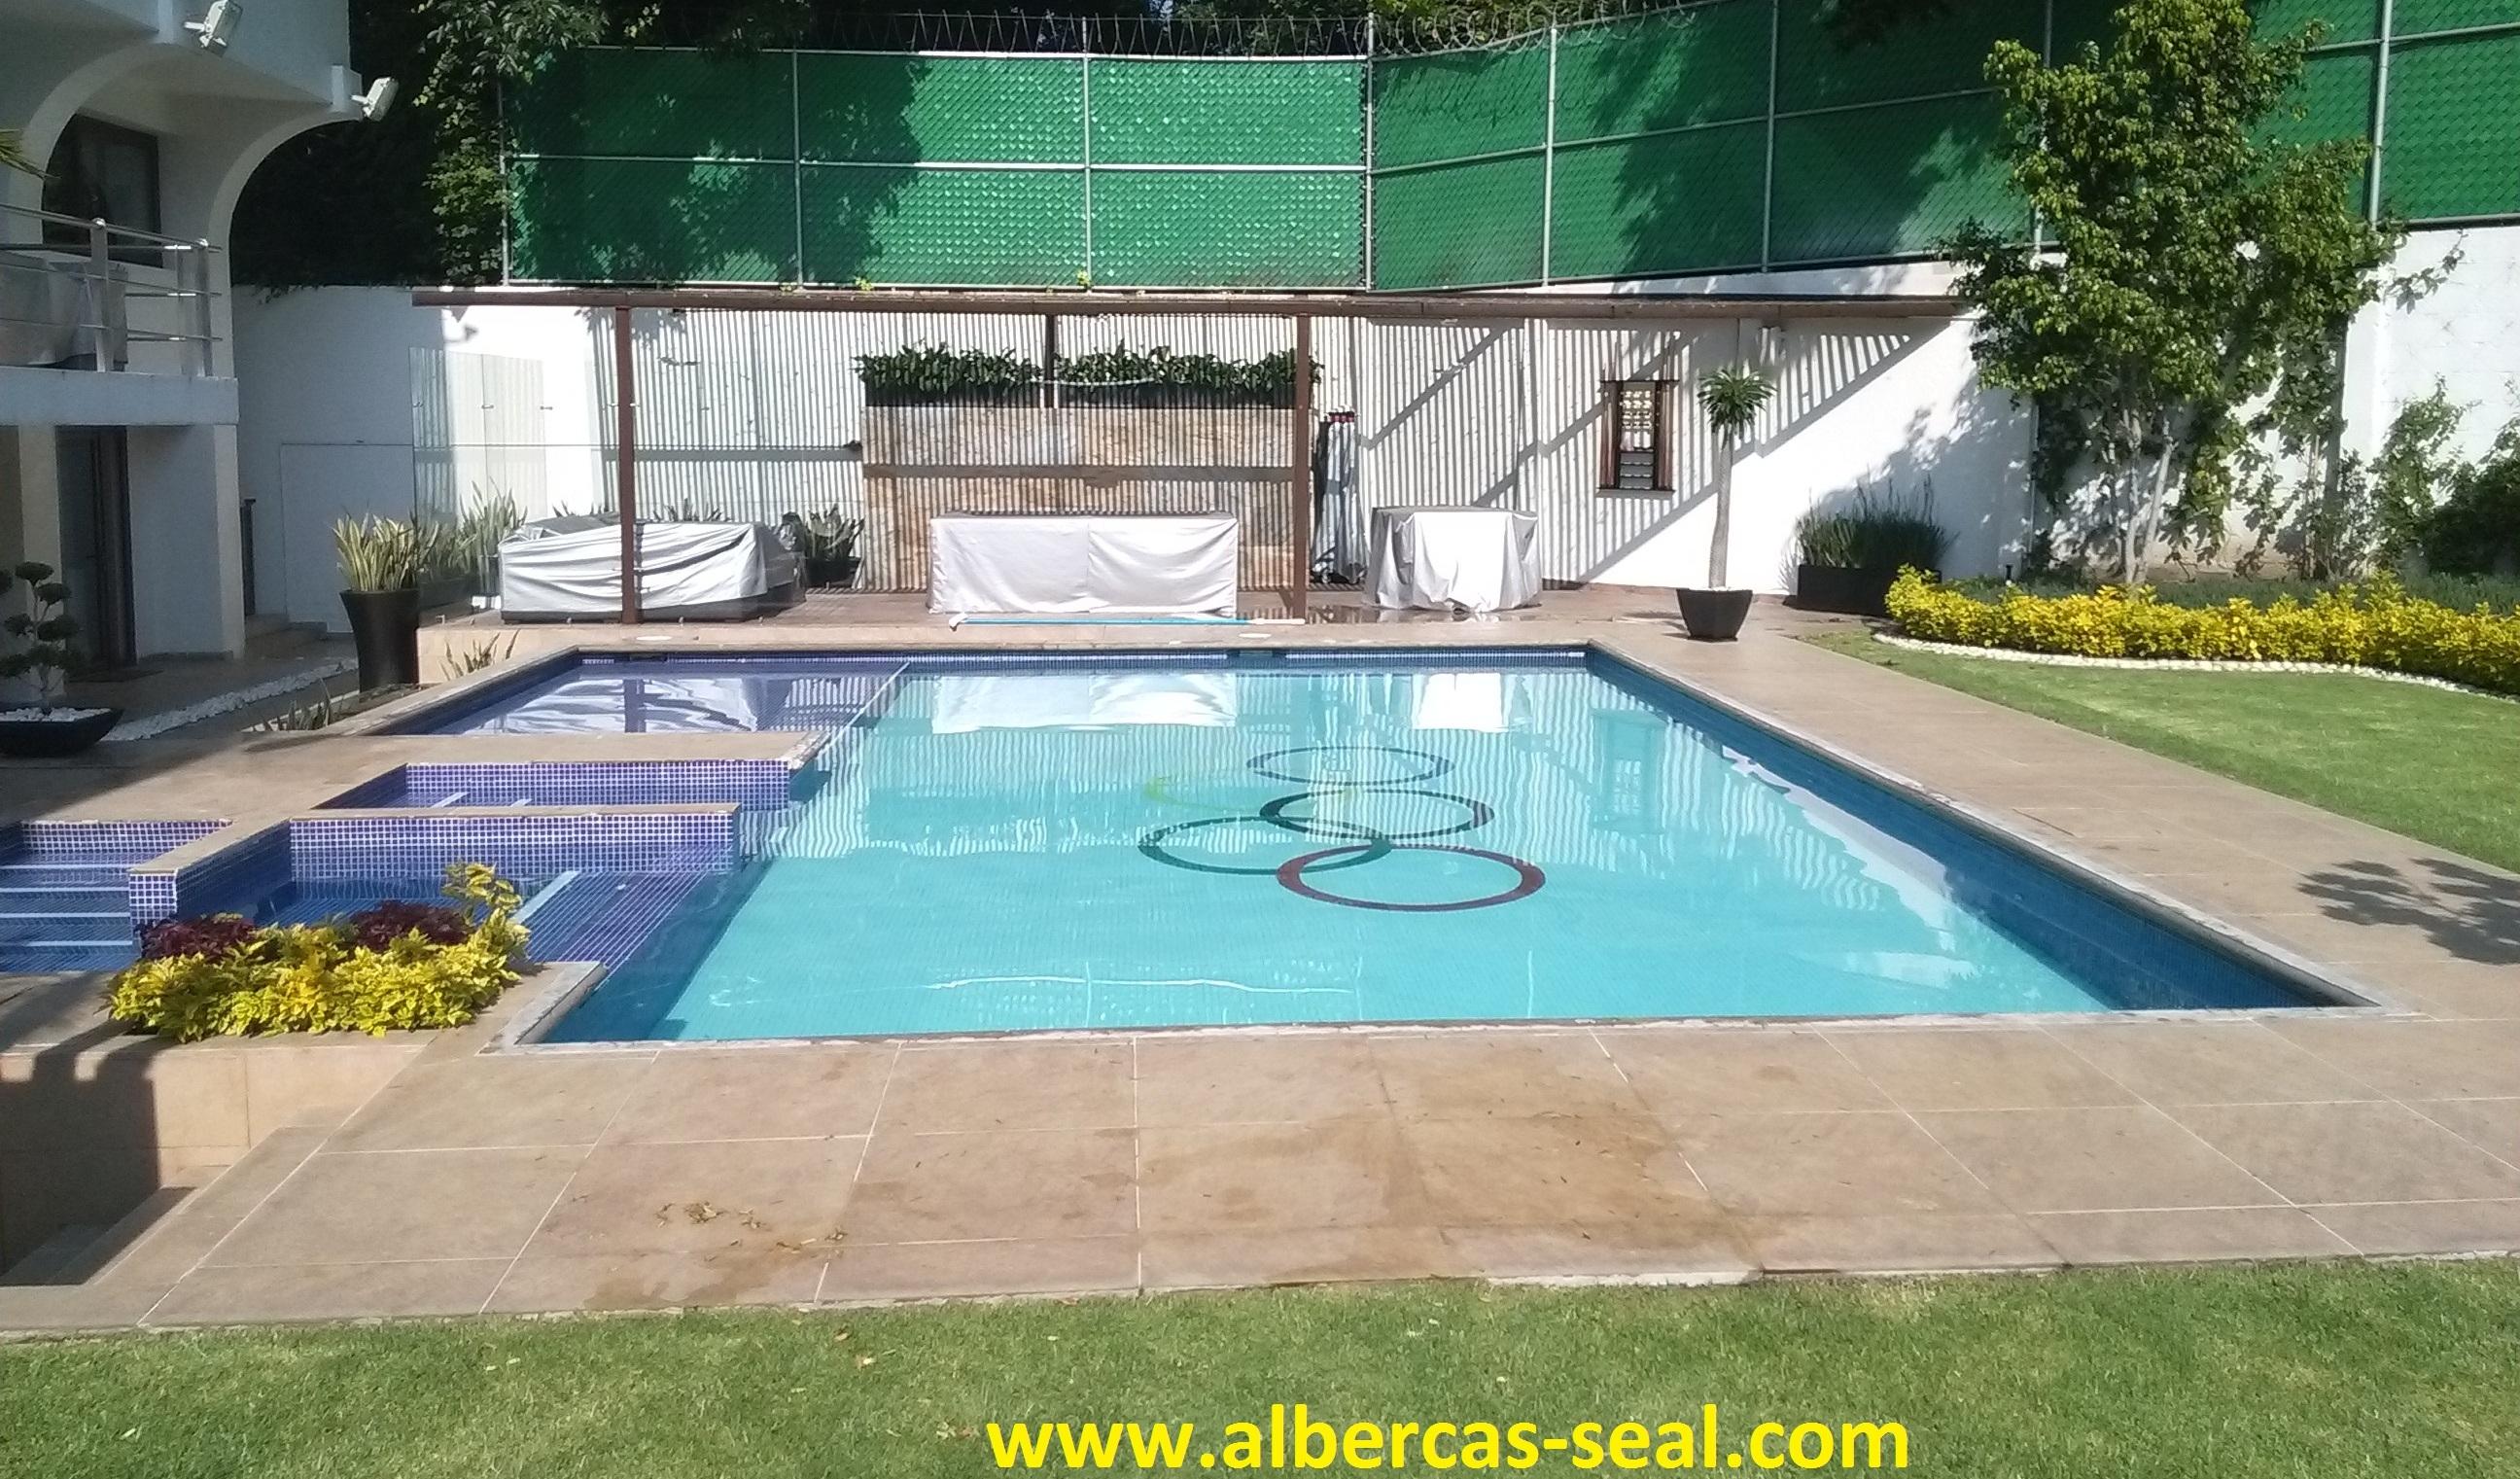 albercas albercas seal mantenimiento limpieza y ForConstruccion De Albercas En Mexico